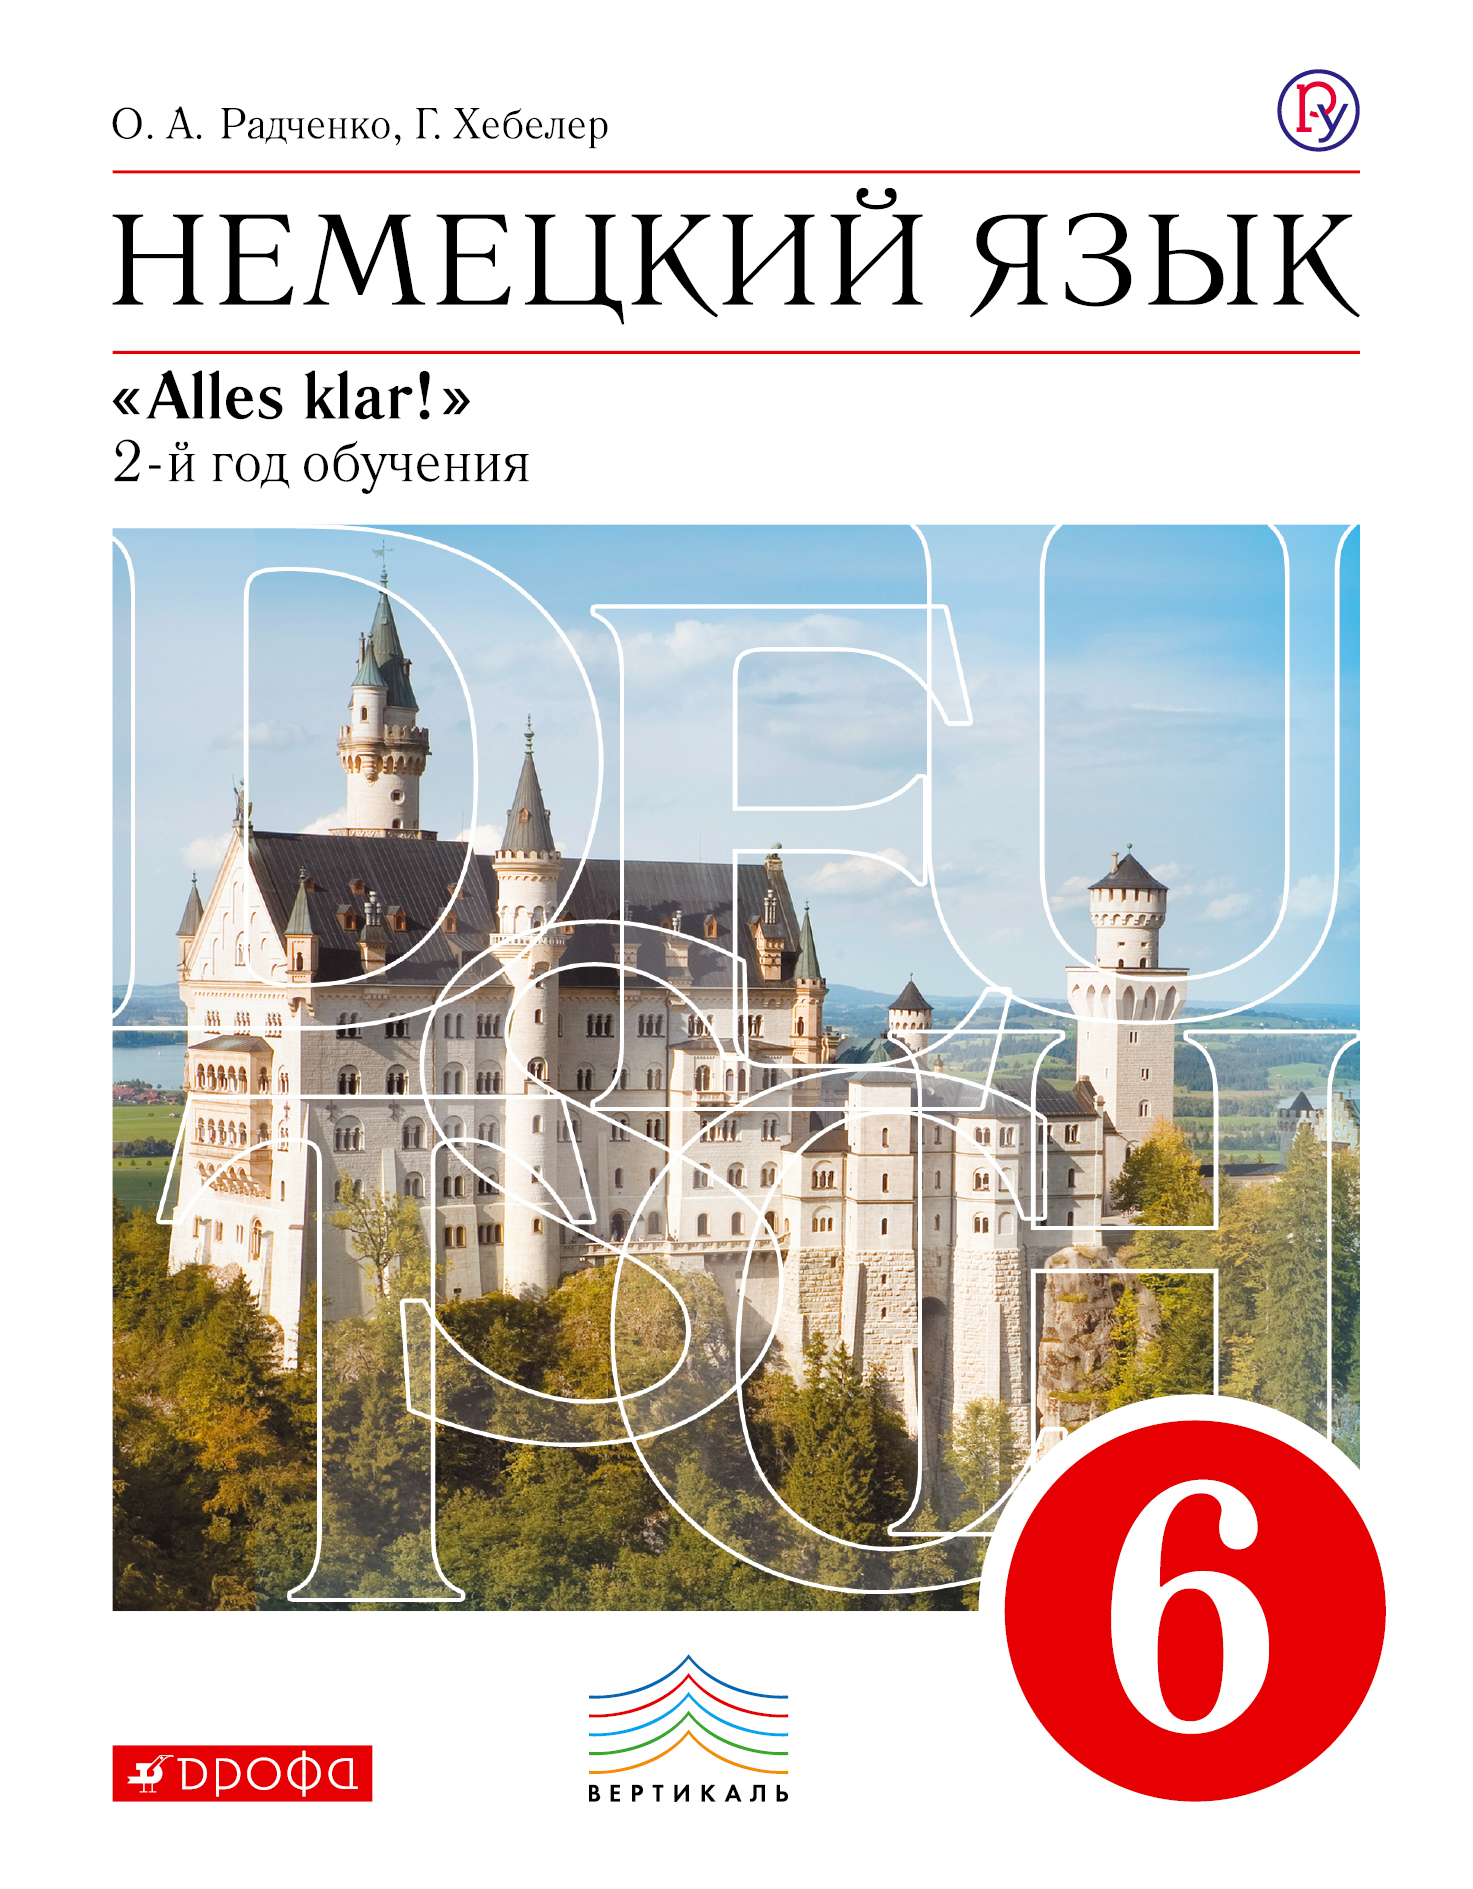 Решебник немецкий язык 6 класс хебелер 8 фотография